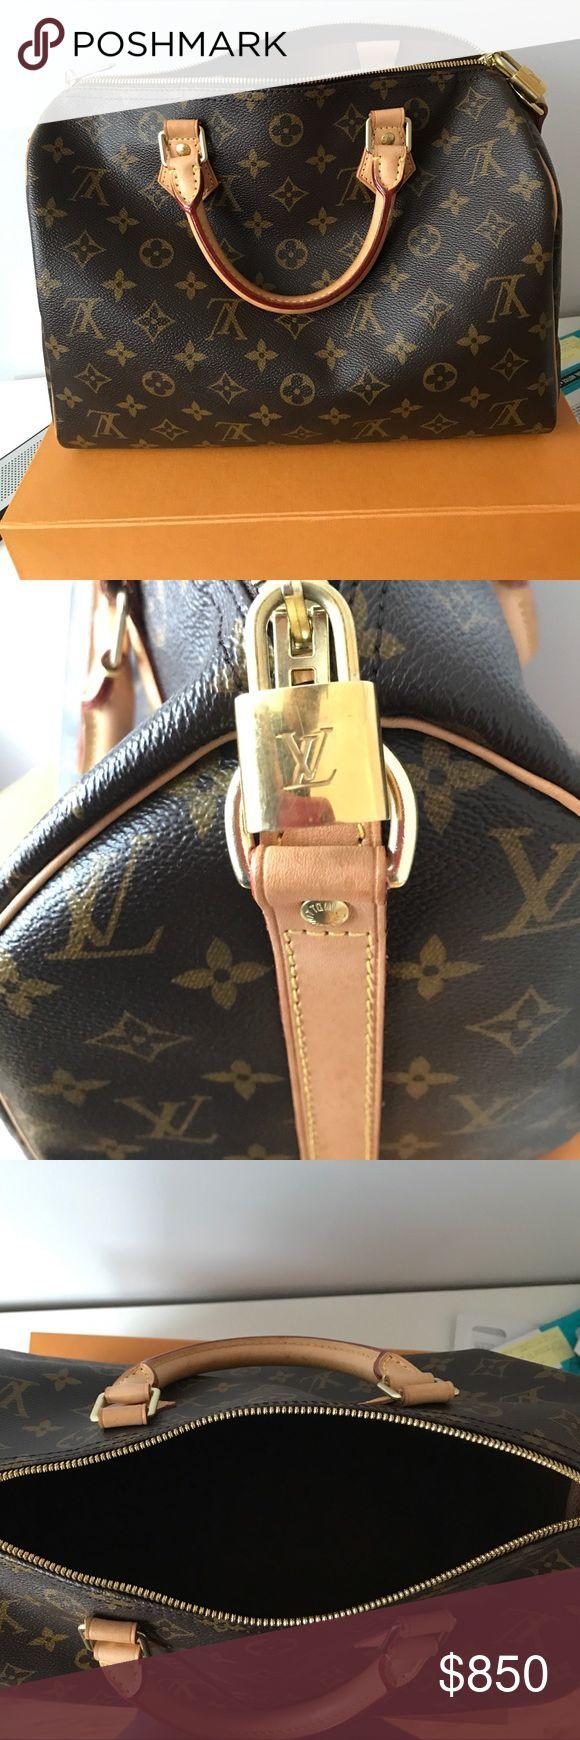 Louis Vouitton Bag Authentic, medium size, straps, locks , bag, box included. Great condition. Louis Vuitton Bags Shoulder Bags